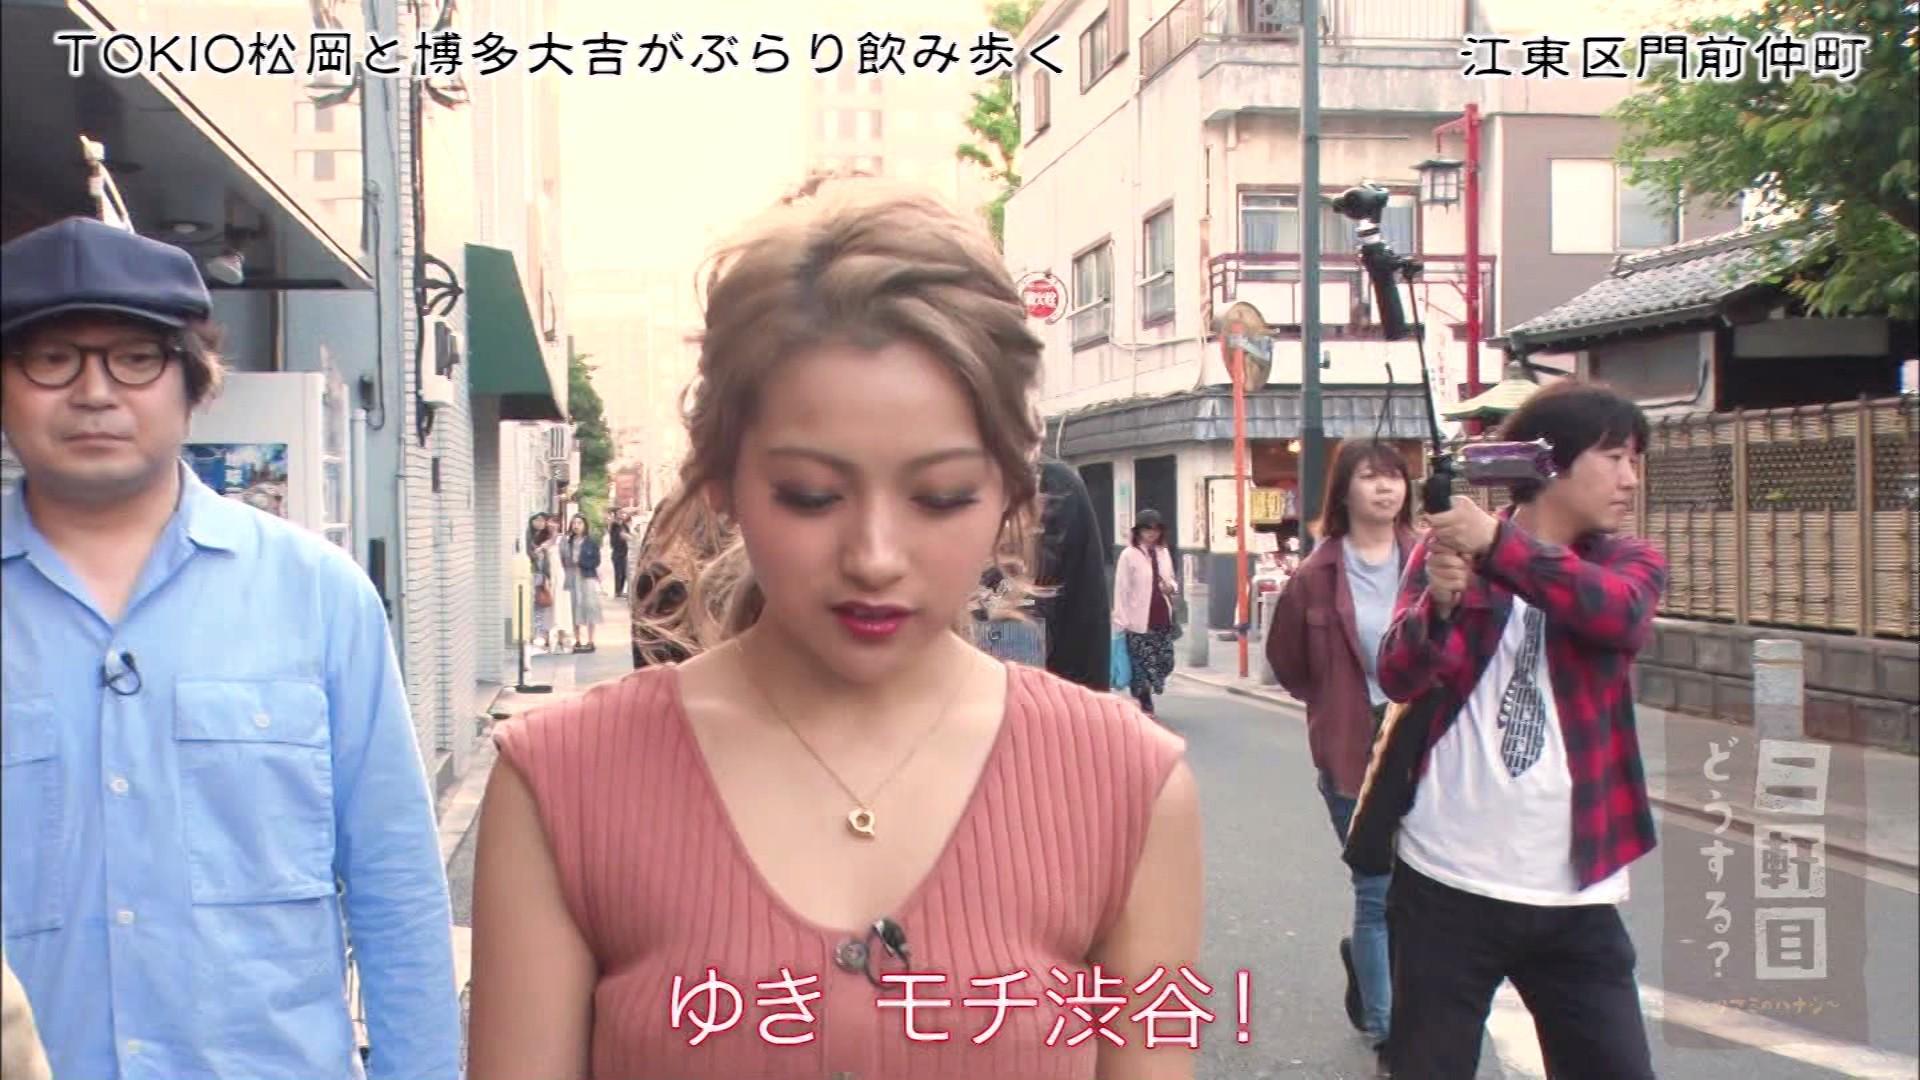 ゆきぽよ_おっぱい_お尻_二軒目どうする?_09